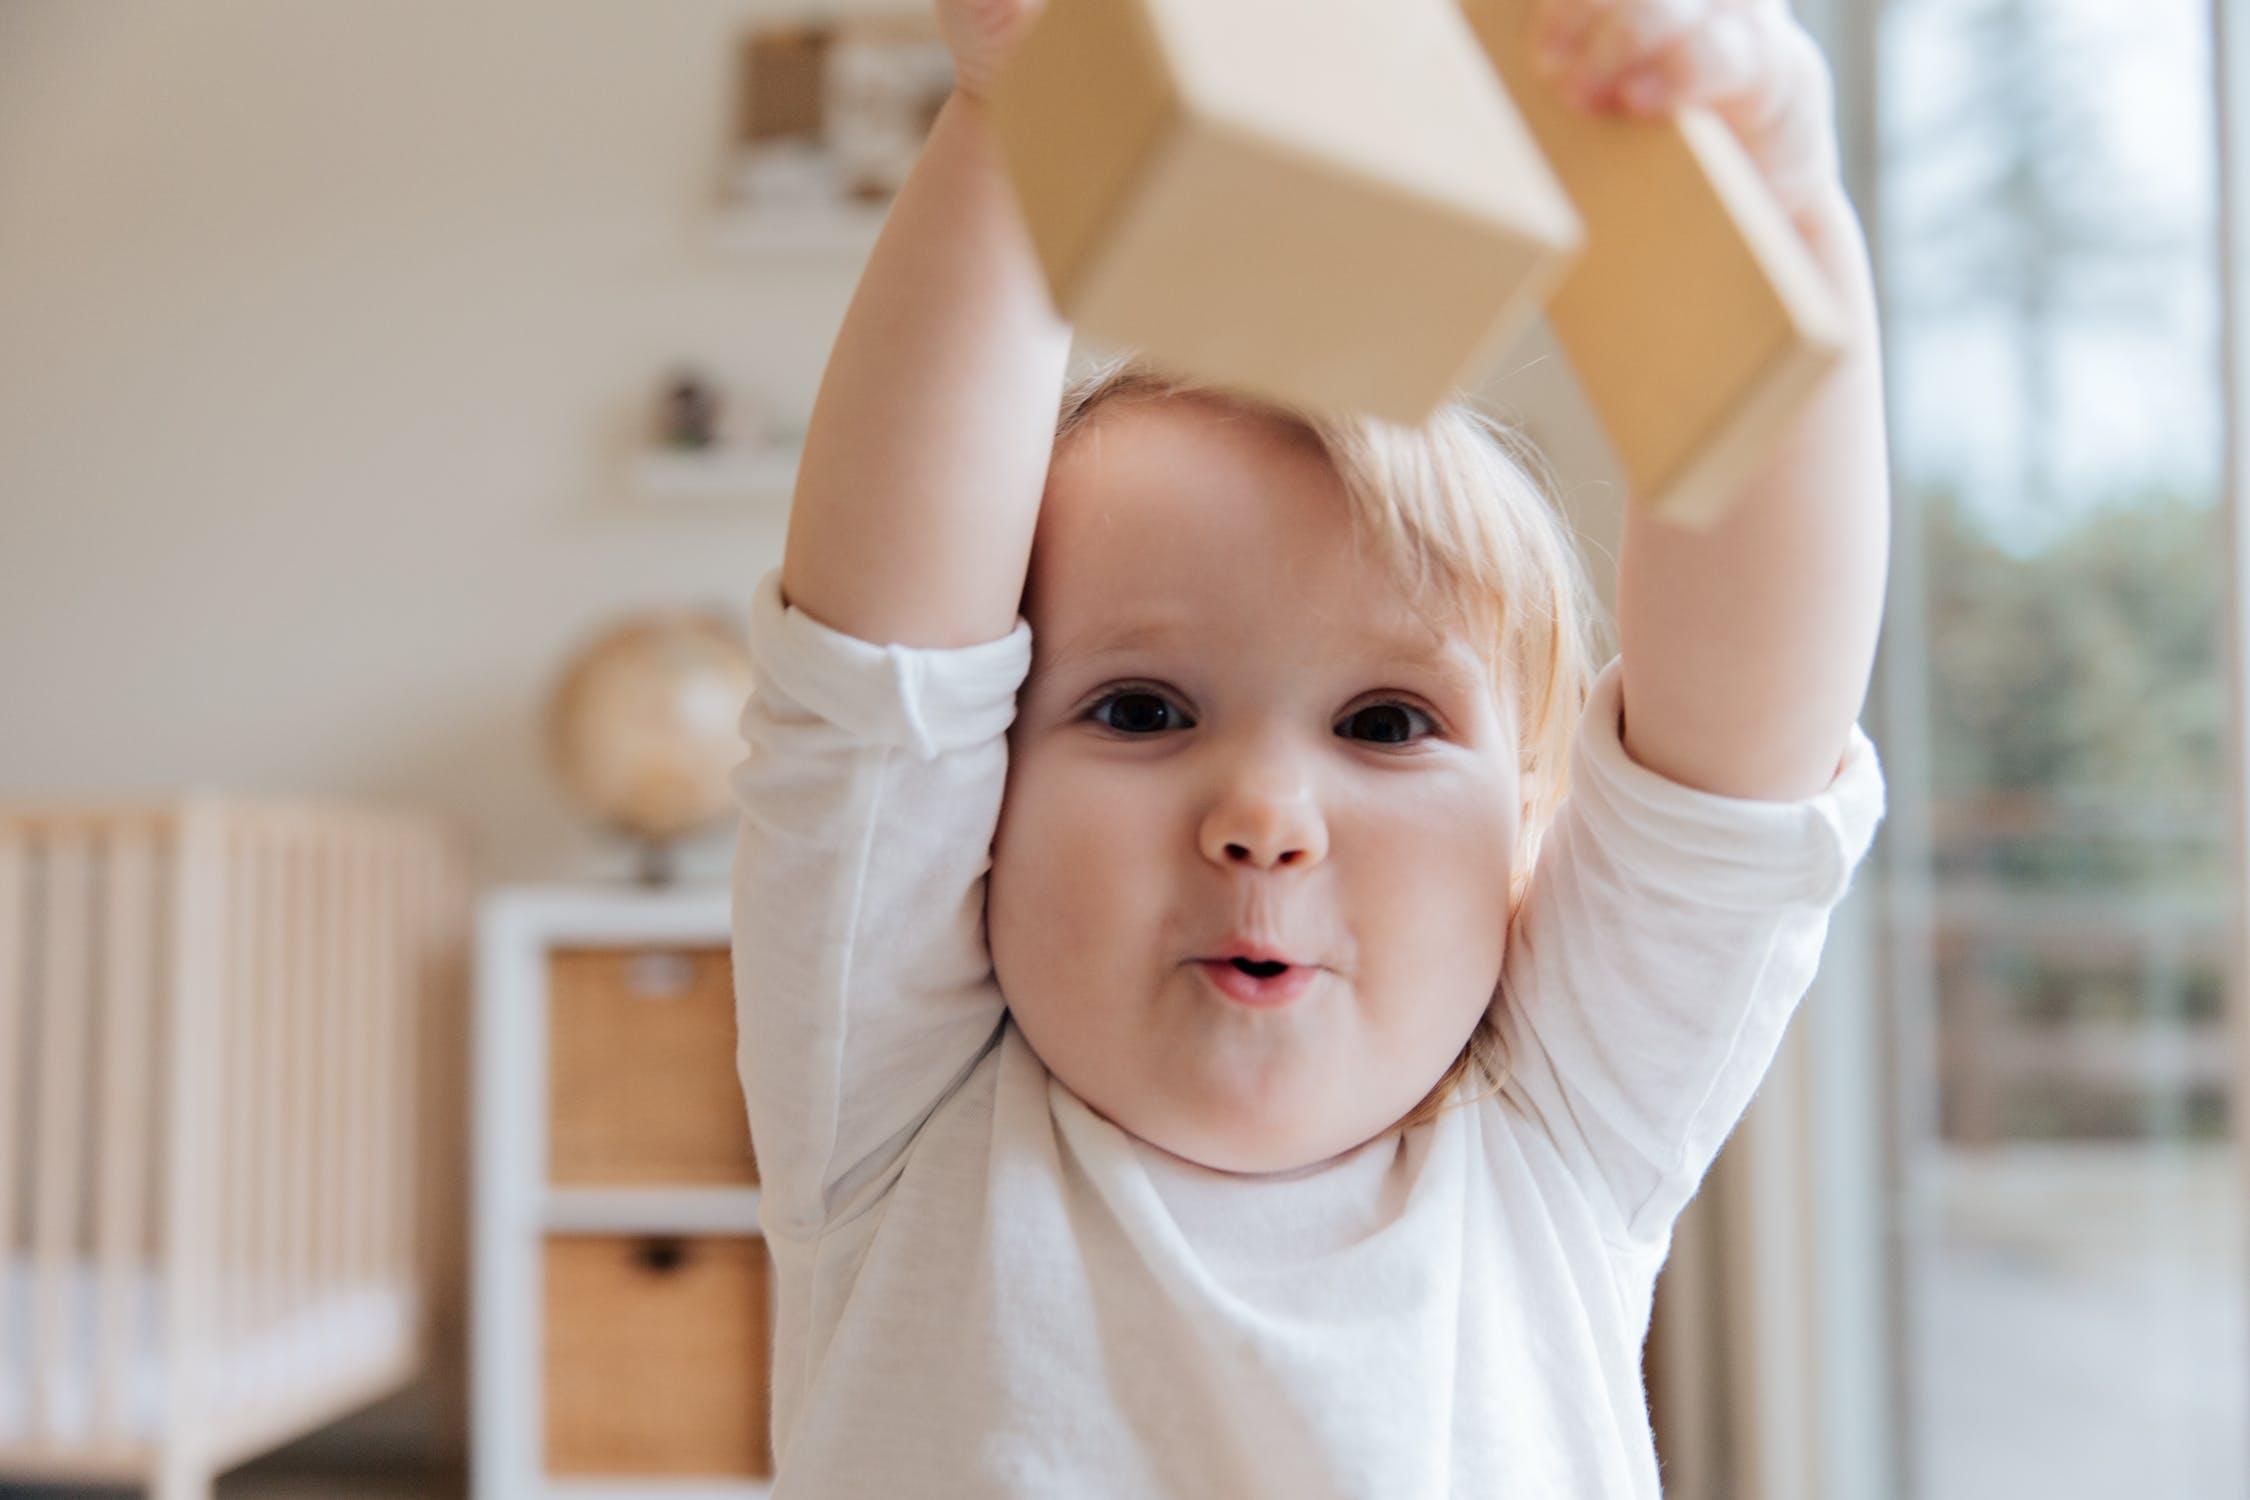 抗生素是把双刃剑!宝宝用后如何快速恢复免疫?-绵羊奶喂养-羊奶粉